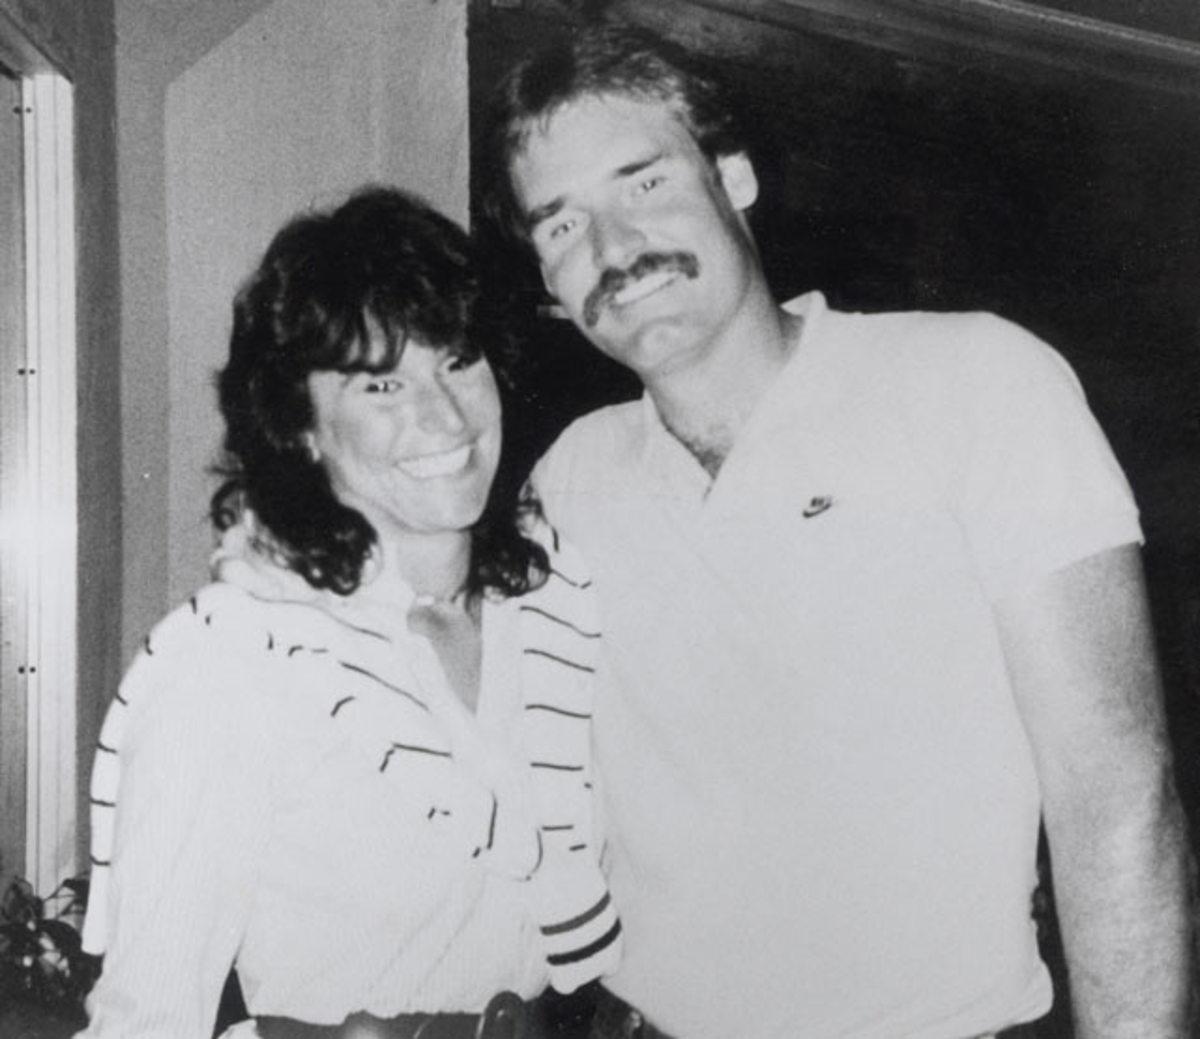 Margo Adams and Wade Boggs